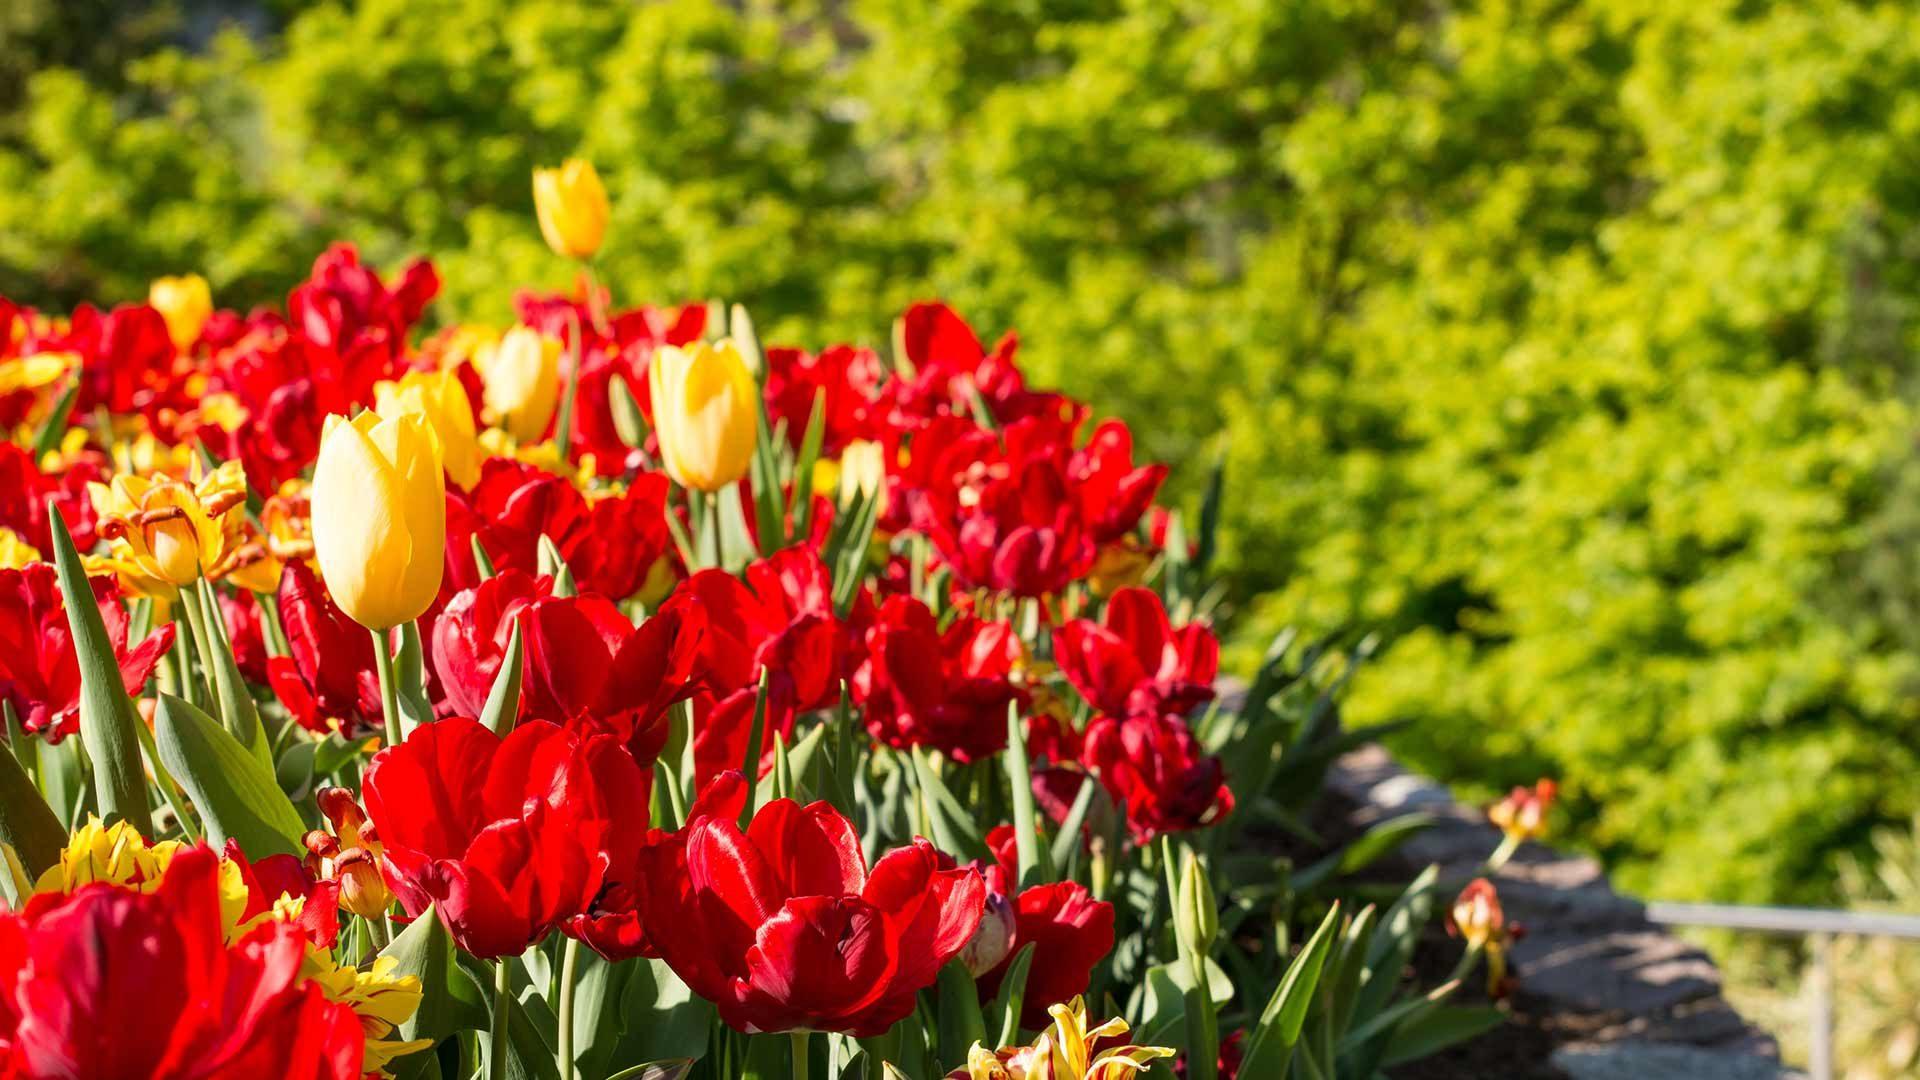 Gärten von Schloss Trauttmansdorff - Tulpen